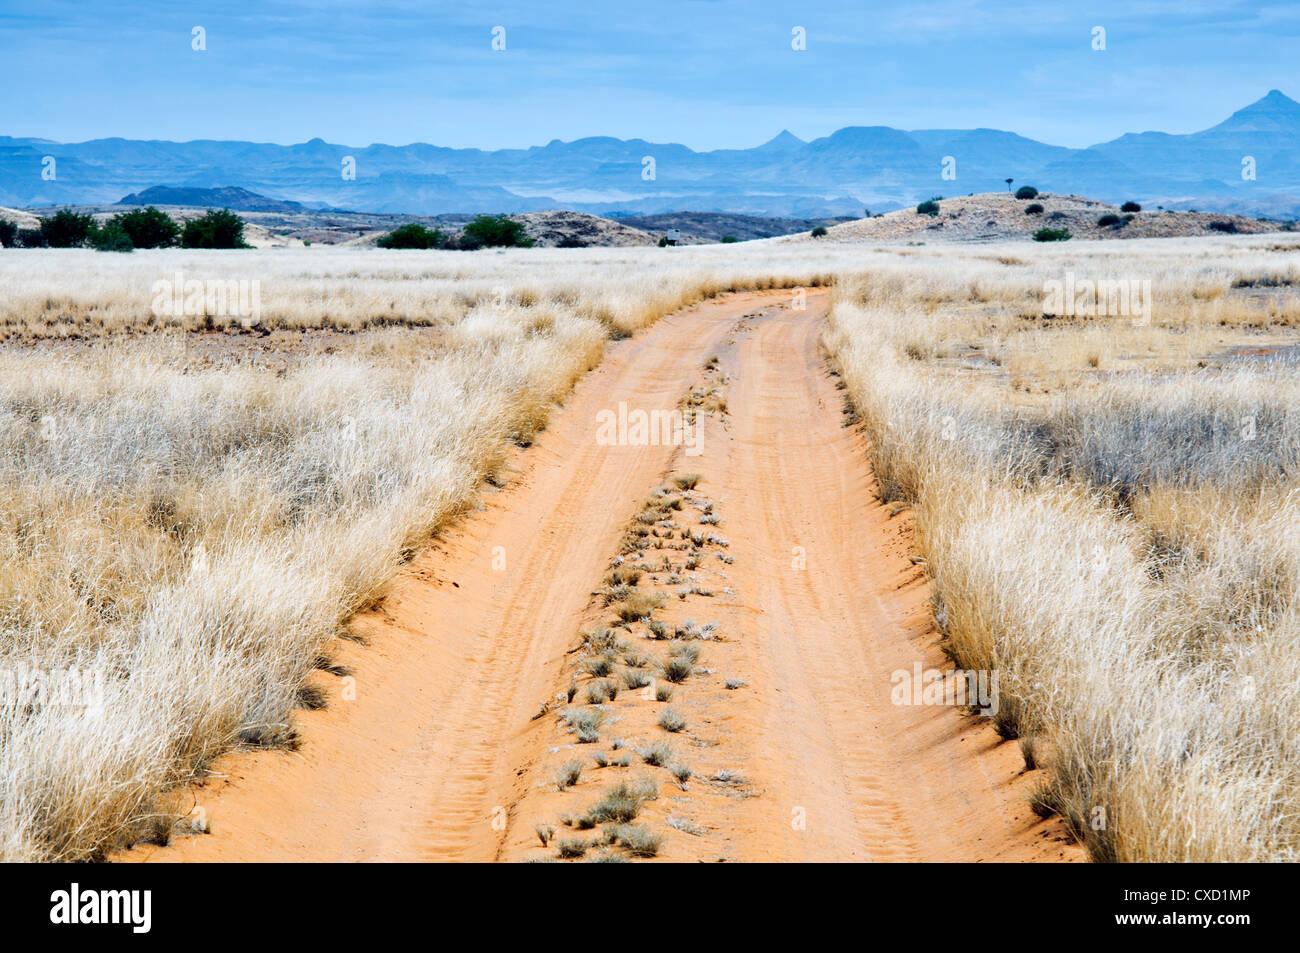 Damaraland, Kunene Region, Namibia, Africa - Stock Image